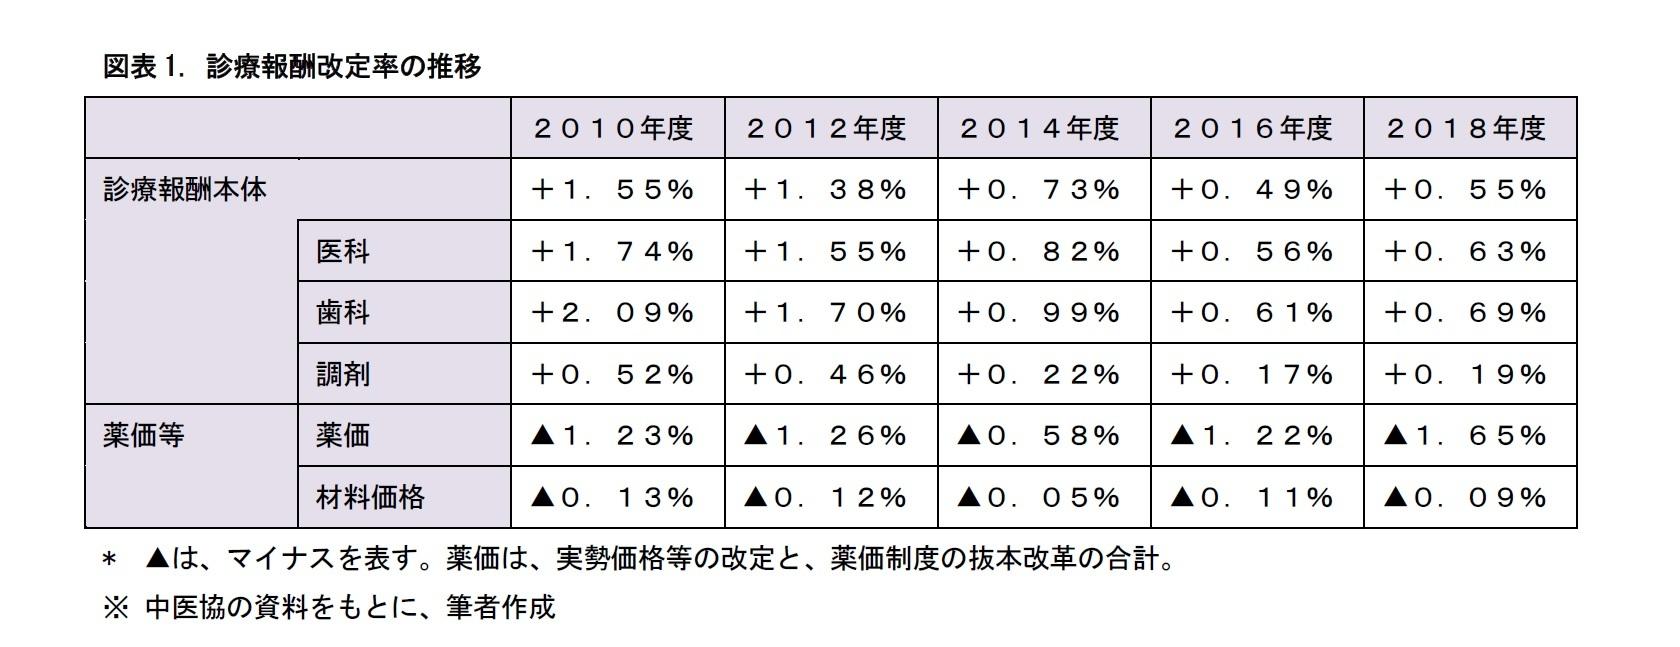 図表1. 診療報酬改定率の推移